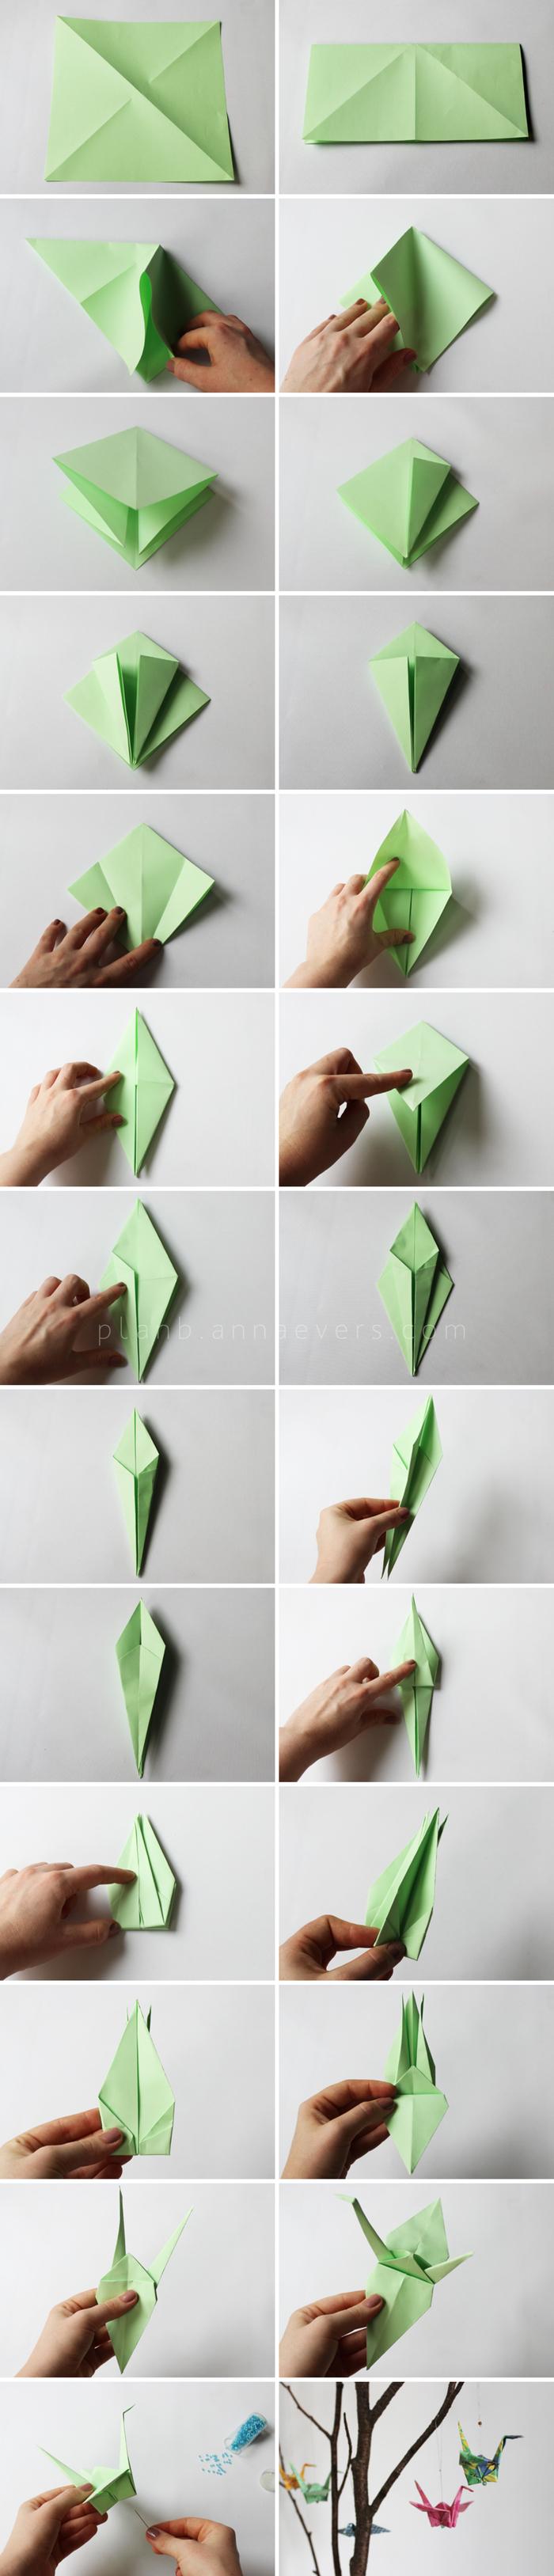 instructions de pliage origami d une grue en papier pour réaliser une jolie suspension origami